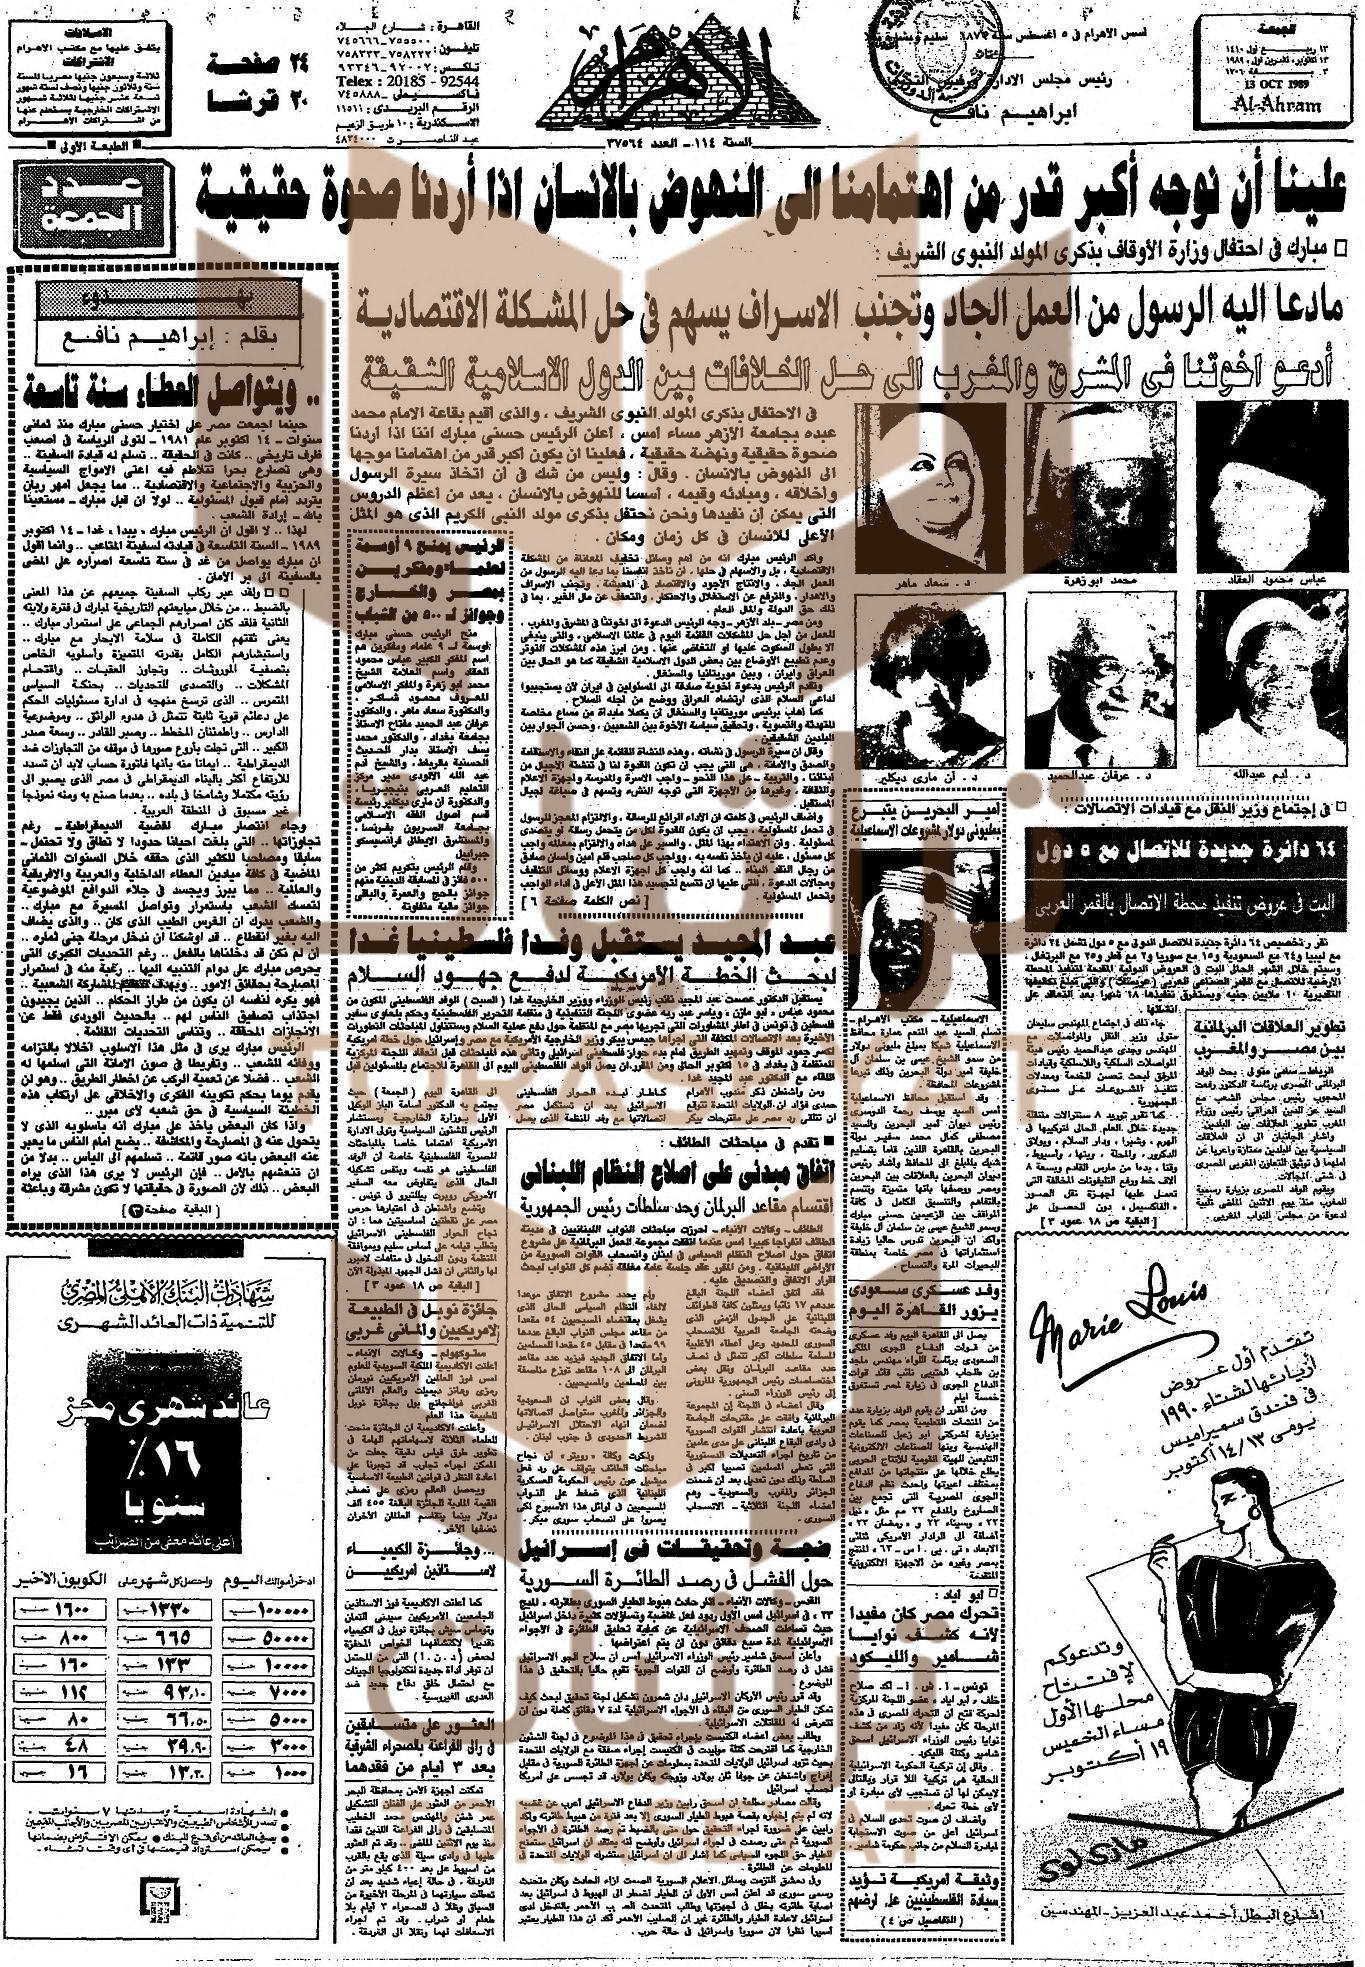 مبارك وتكريم مسيحيين سنة 1989 م